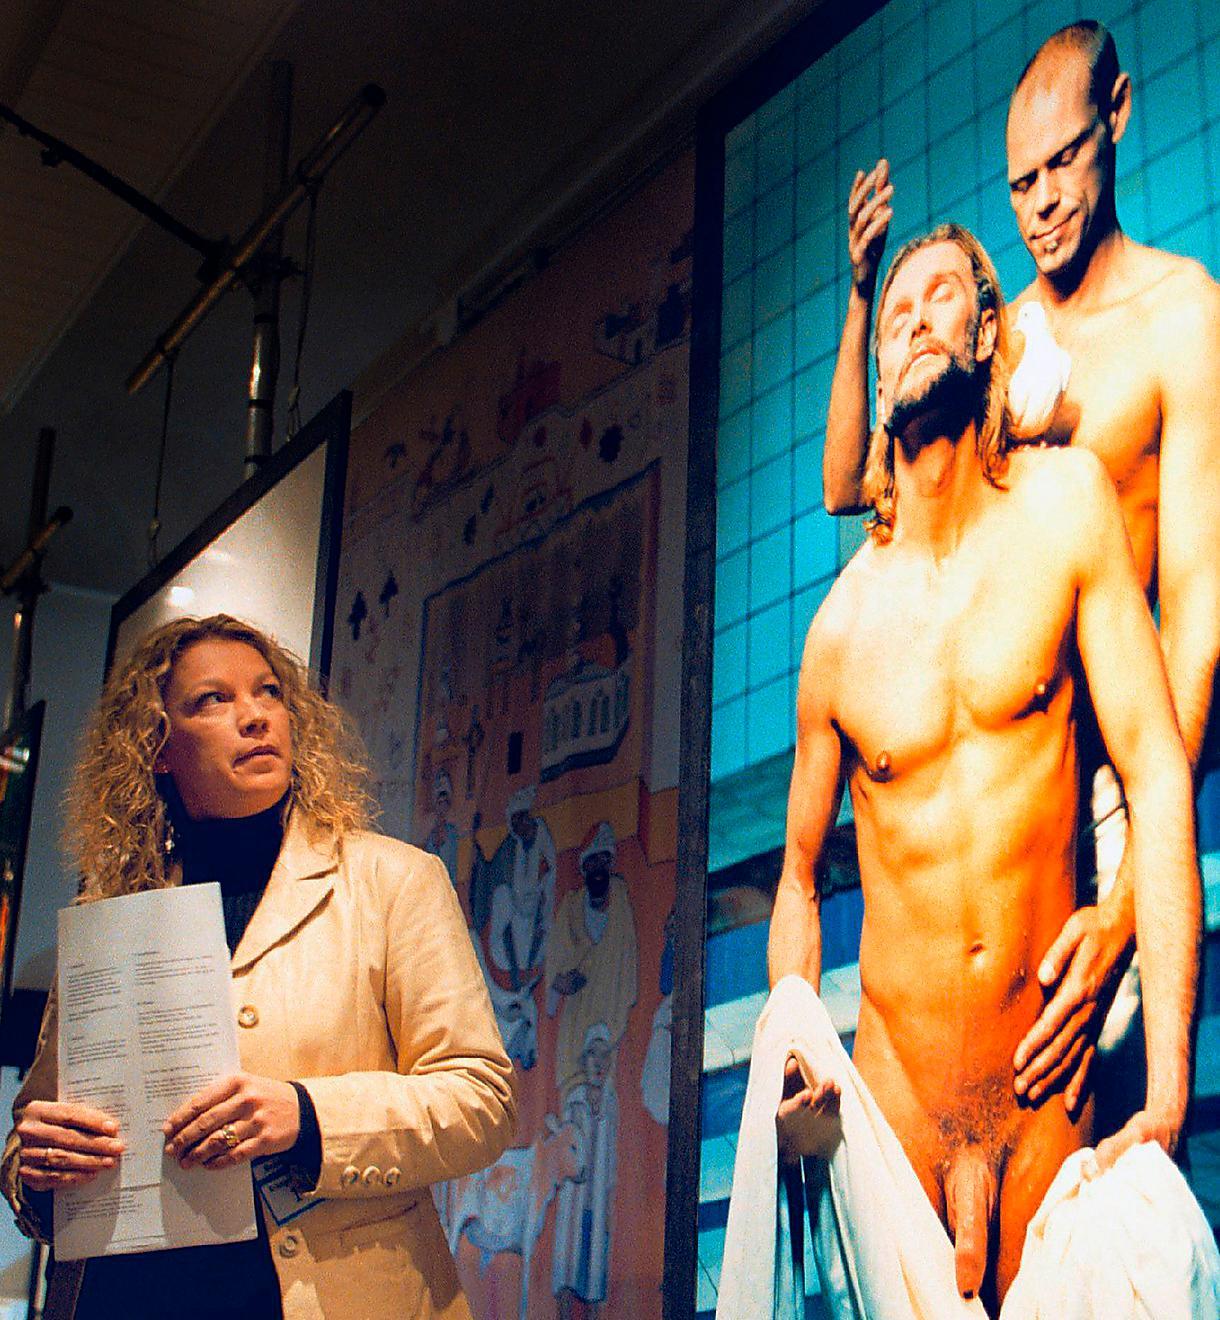 """Fotografen Elisabeth Ohlson Wallins utställning """"Ecce homo"""" vållade rabalder 1998. Om Sverige haft en liknande hädelselag som den som nu fällt en kvinna i Österrike kunde Ohlson Wallins bilder varit straffbara, skriver Petter Larsson och varnar för att Europadomstolen nu öppnar för inskränkningar i yttrandefriheten."""